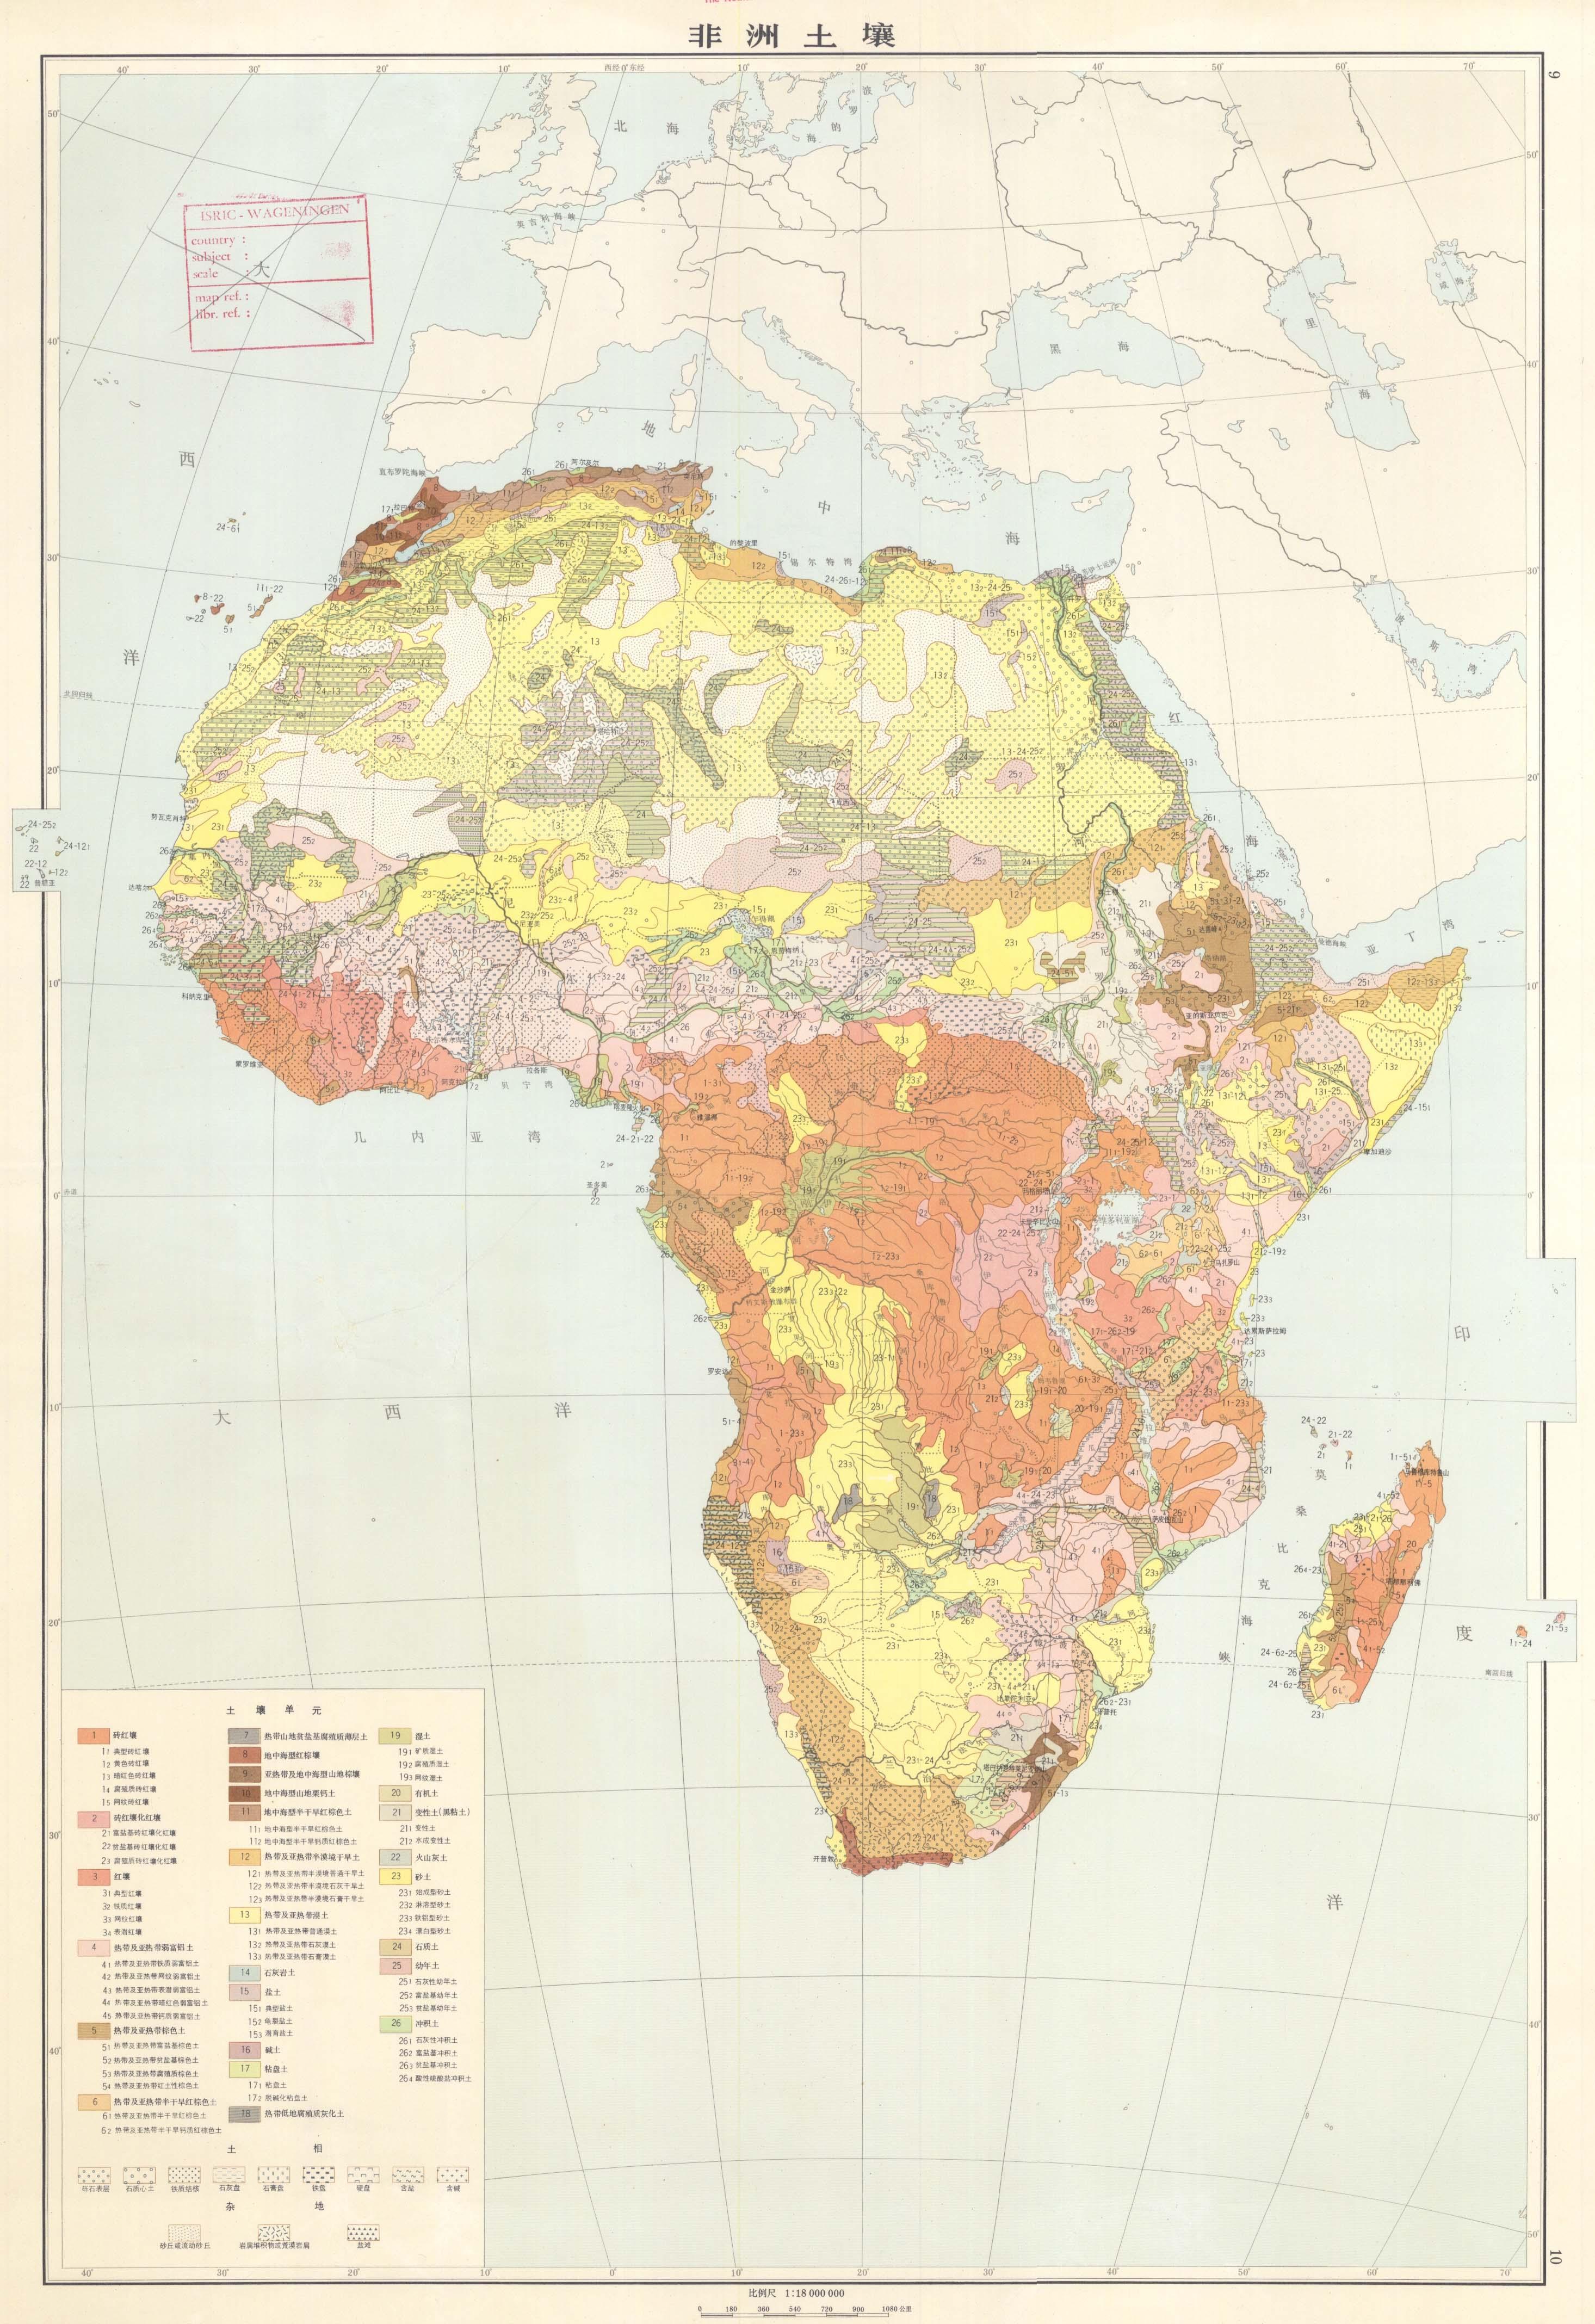 Mapa de Suelos de África 1974